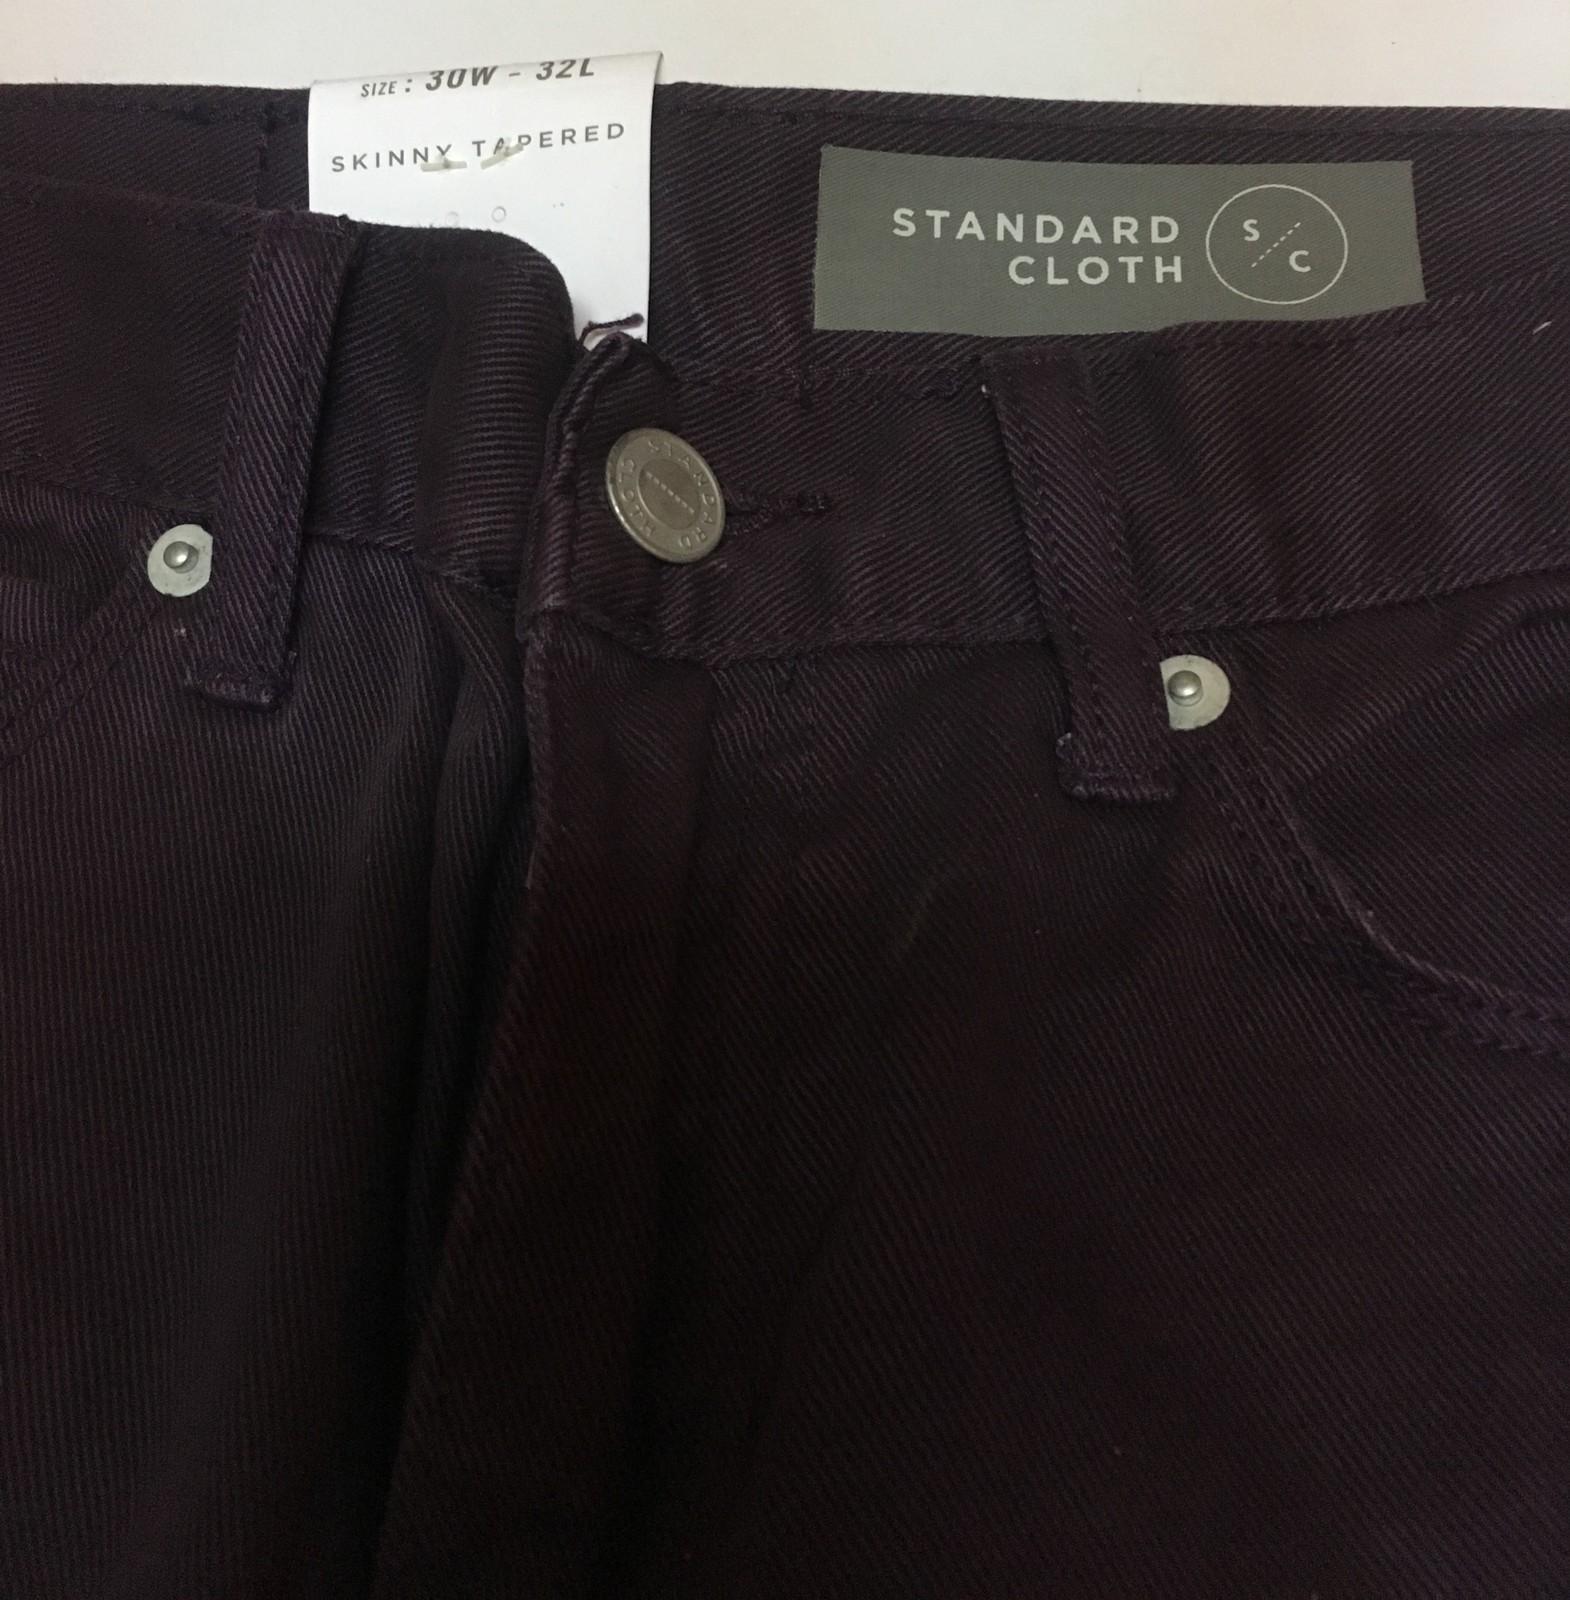 Standard Cloth Men's Jeans Sz 30 x 32 Dark Purple Skinny Tapered